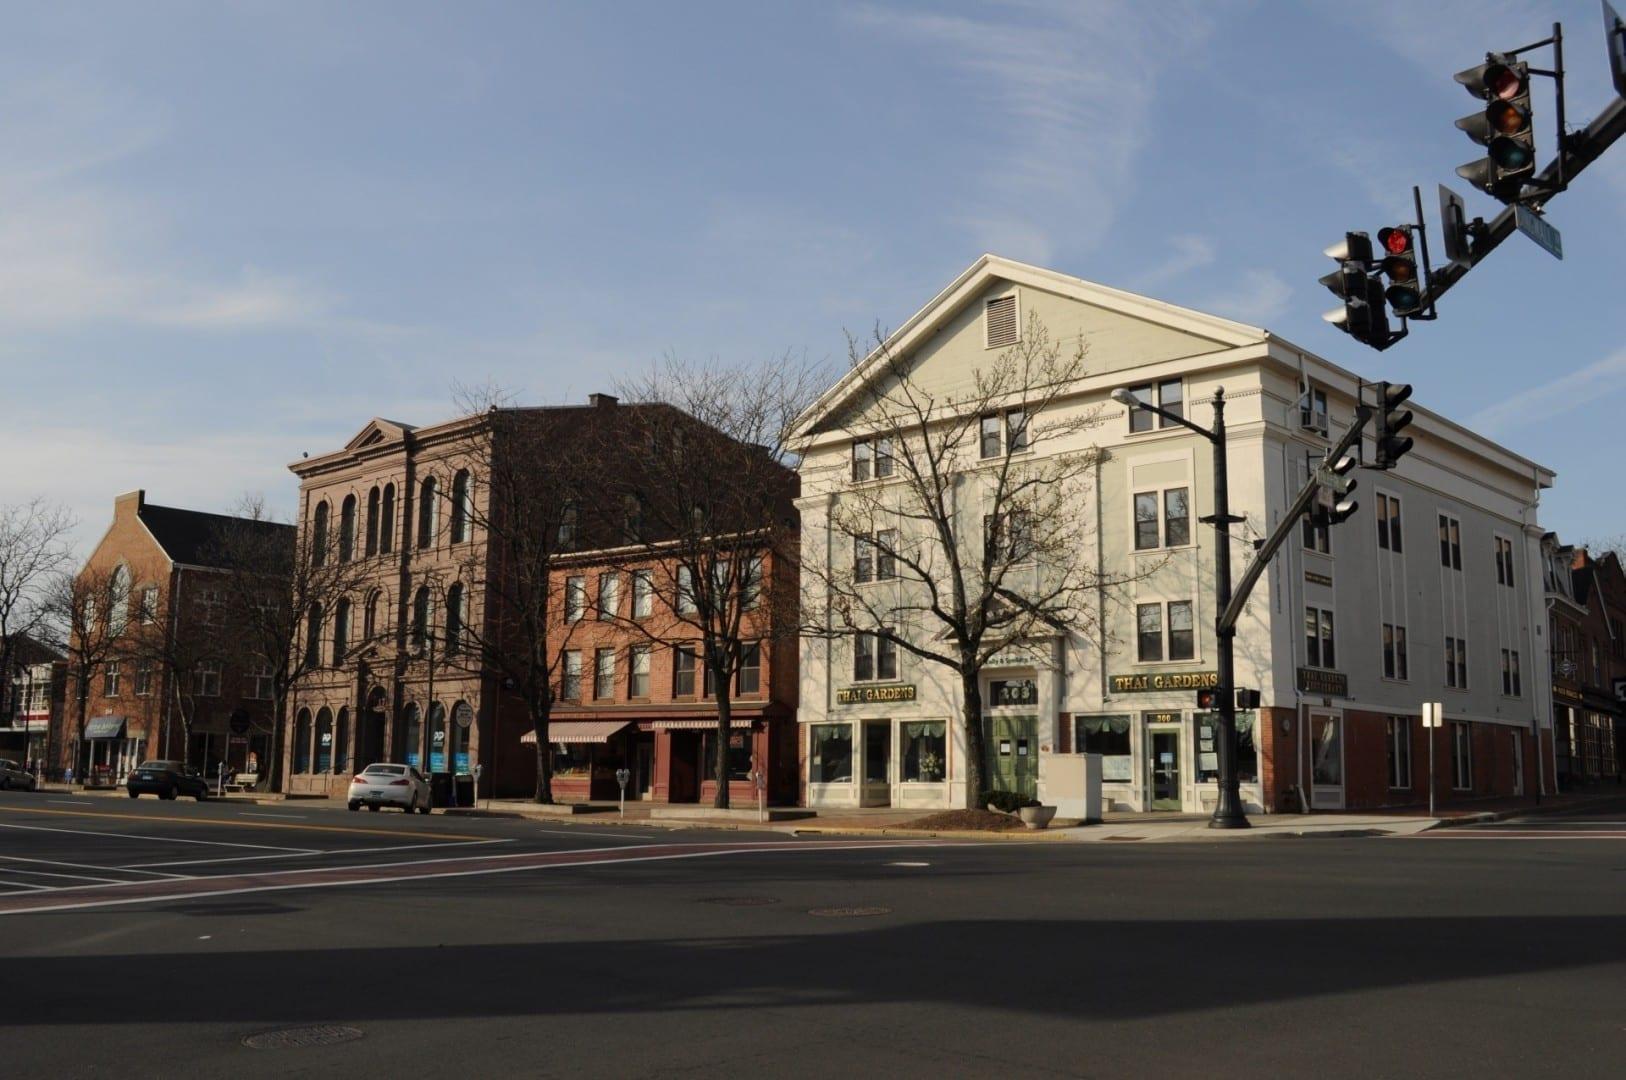 Grandes porciones del centro de Middletown datan del siglo XIX. Middletown CT Estados Unidos